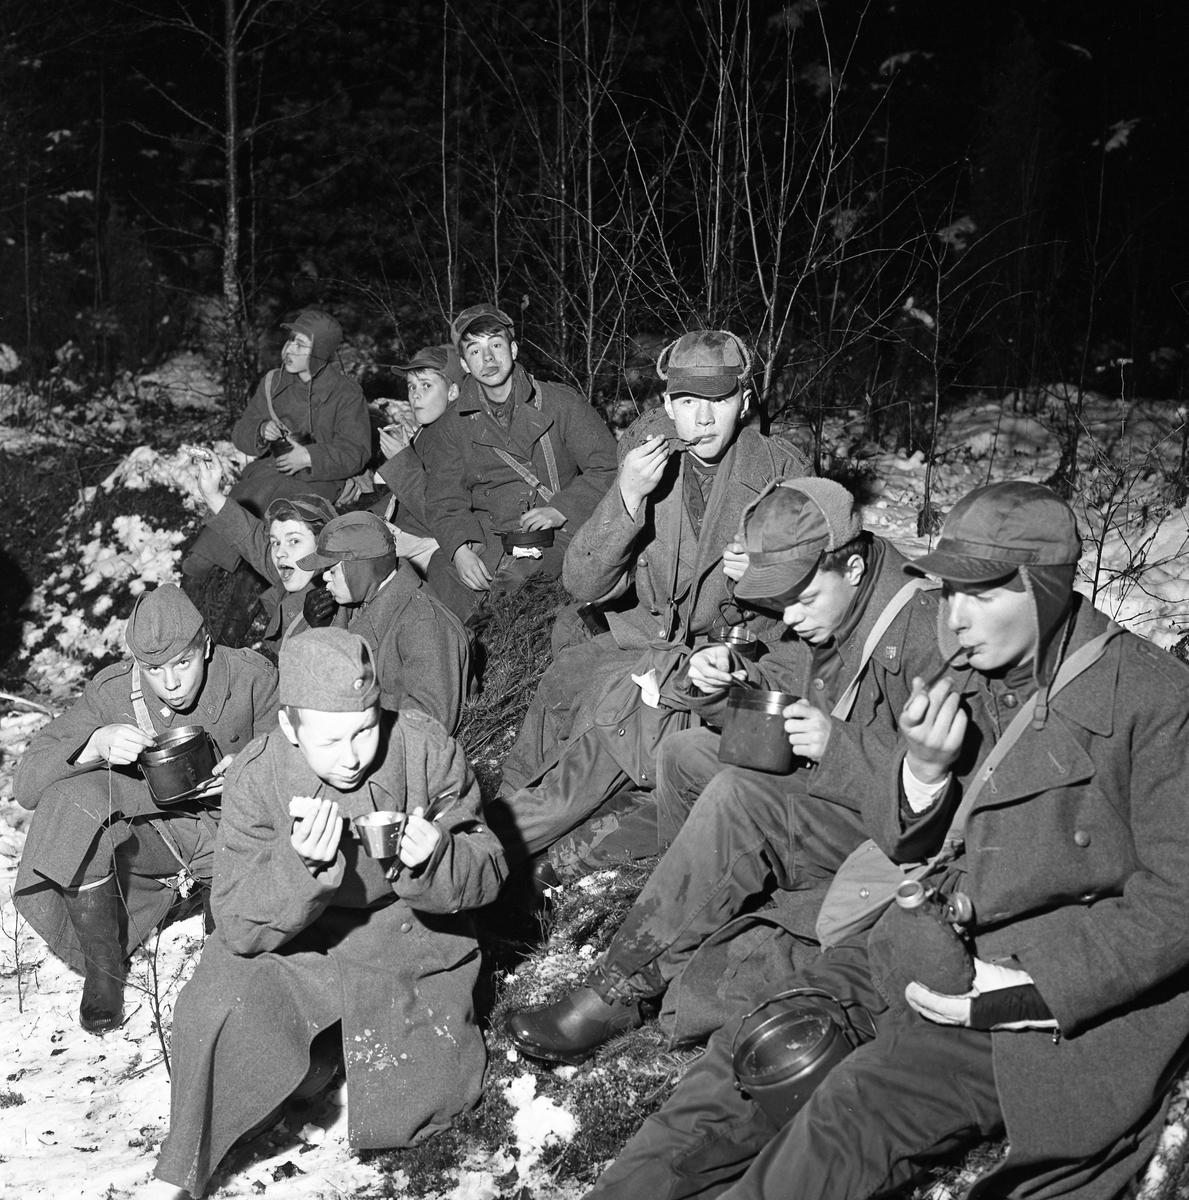 FBU-ungdomar övar i skogen. Det är vinter och snö. Grabbarna sitter på granris och äter ur sina plåtburkar. De är iklädda yllerockar och mössor med öronlappar. Några har båtmössor. FBU betyder Frivillig befälsutbildning